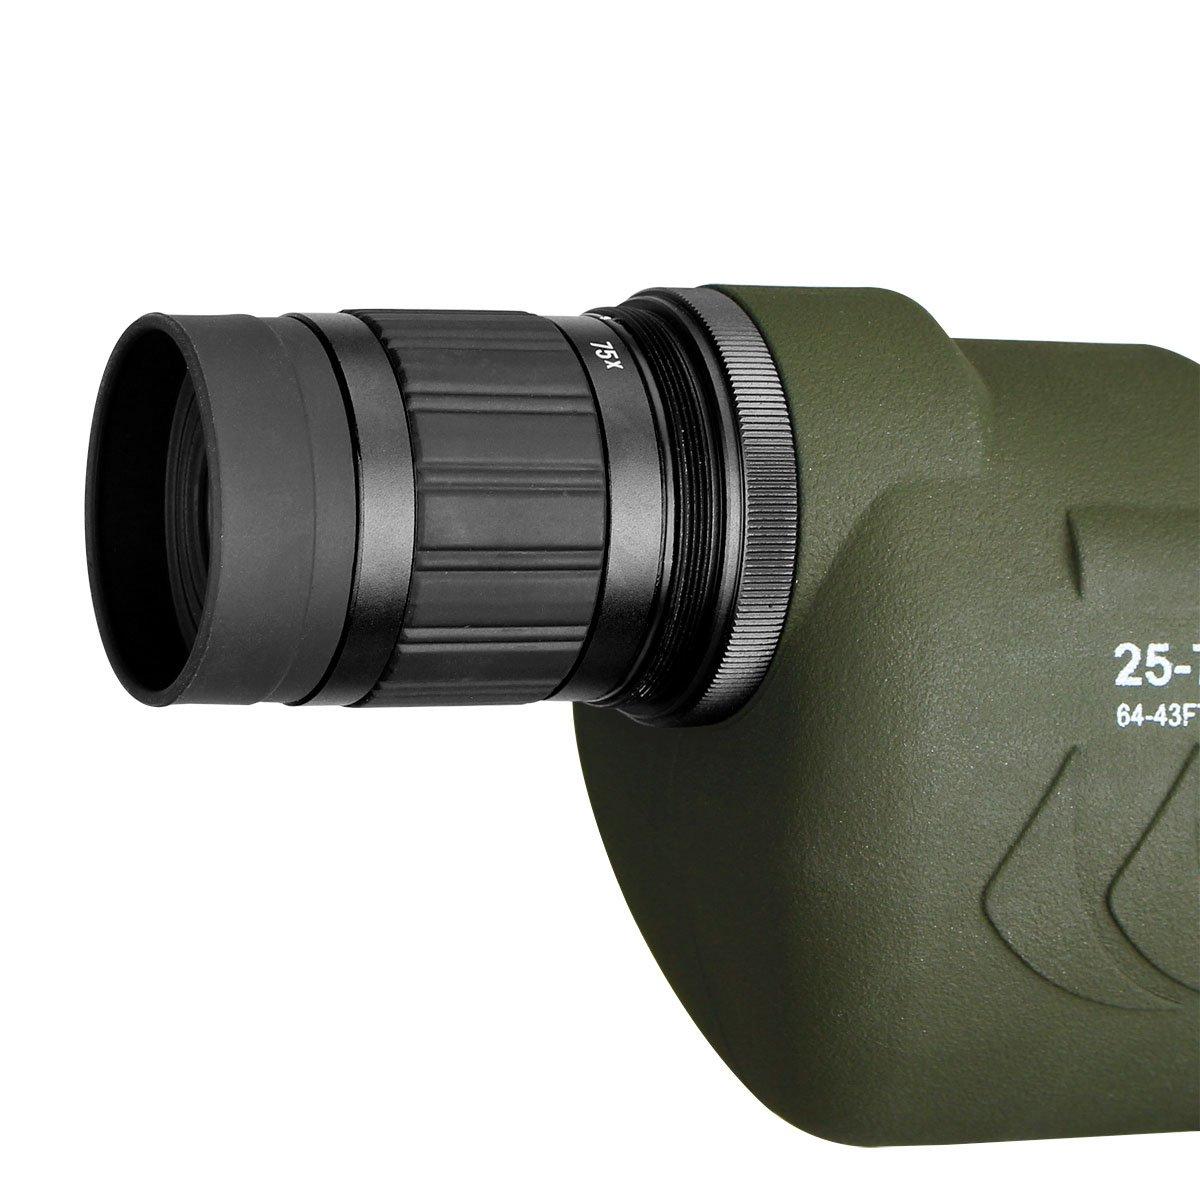 SVBONY SV17 Best Spotting Scope for Birding Outdoor Telescope pic-4